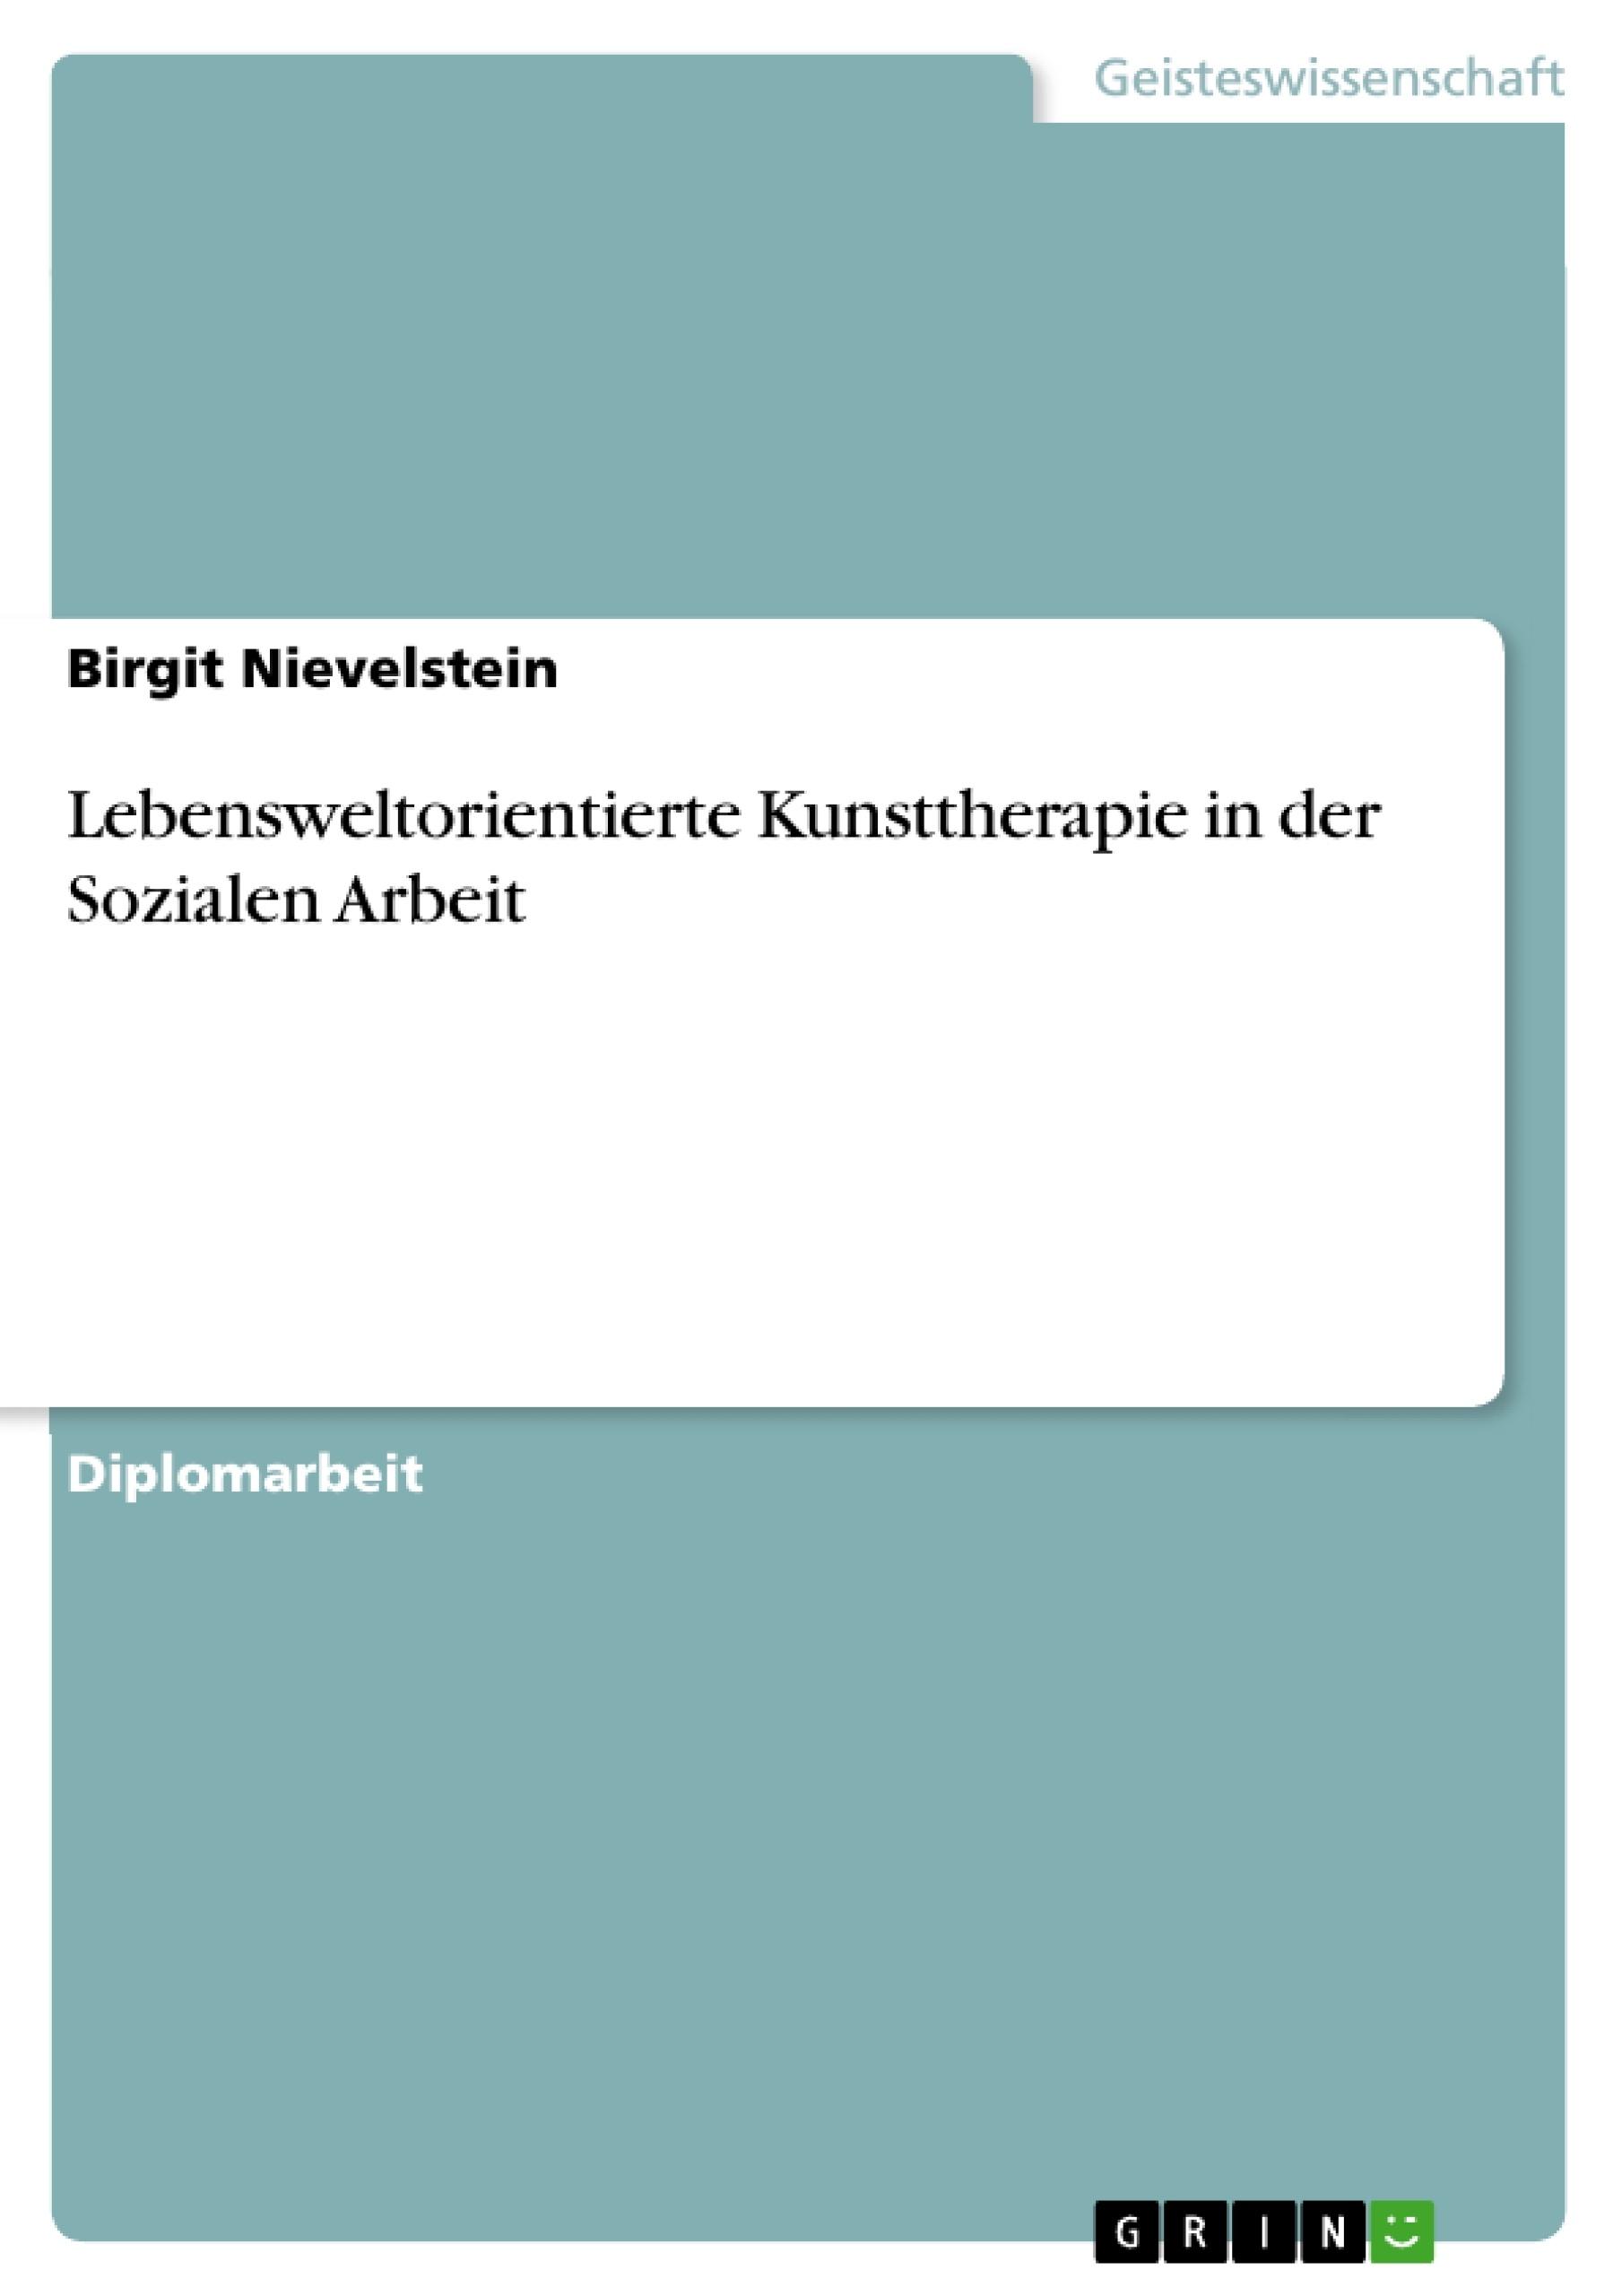 Titel: Lebensweltorientierte Kunsttherapie in der Sozialen Arbeit